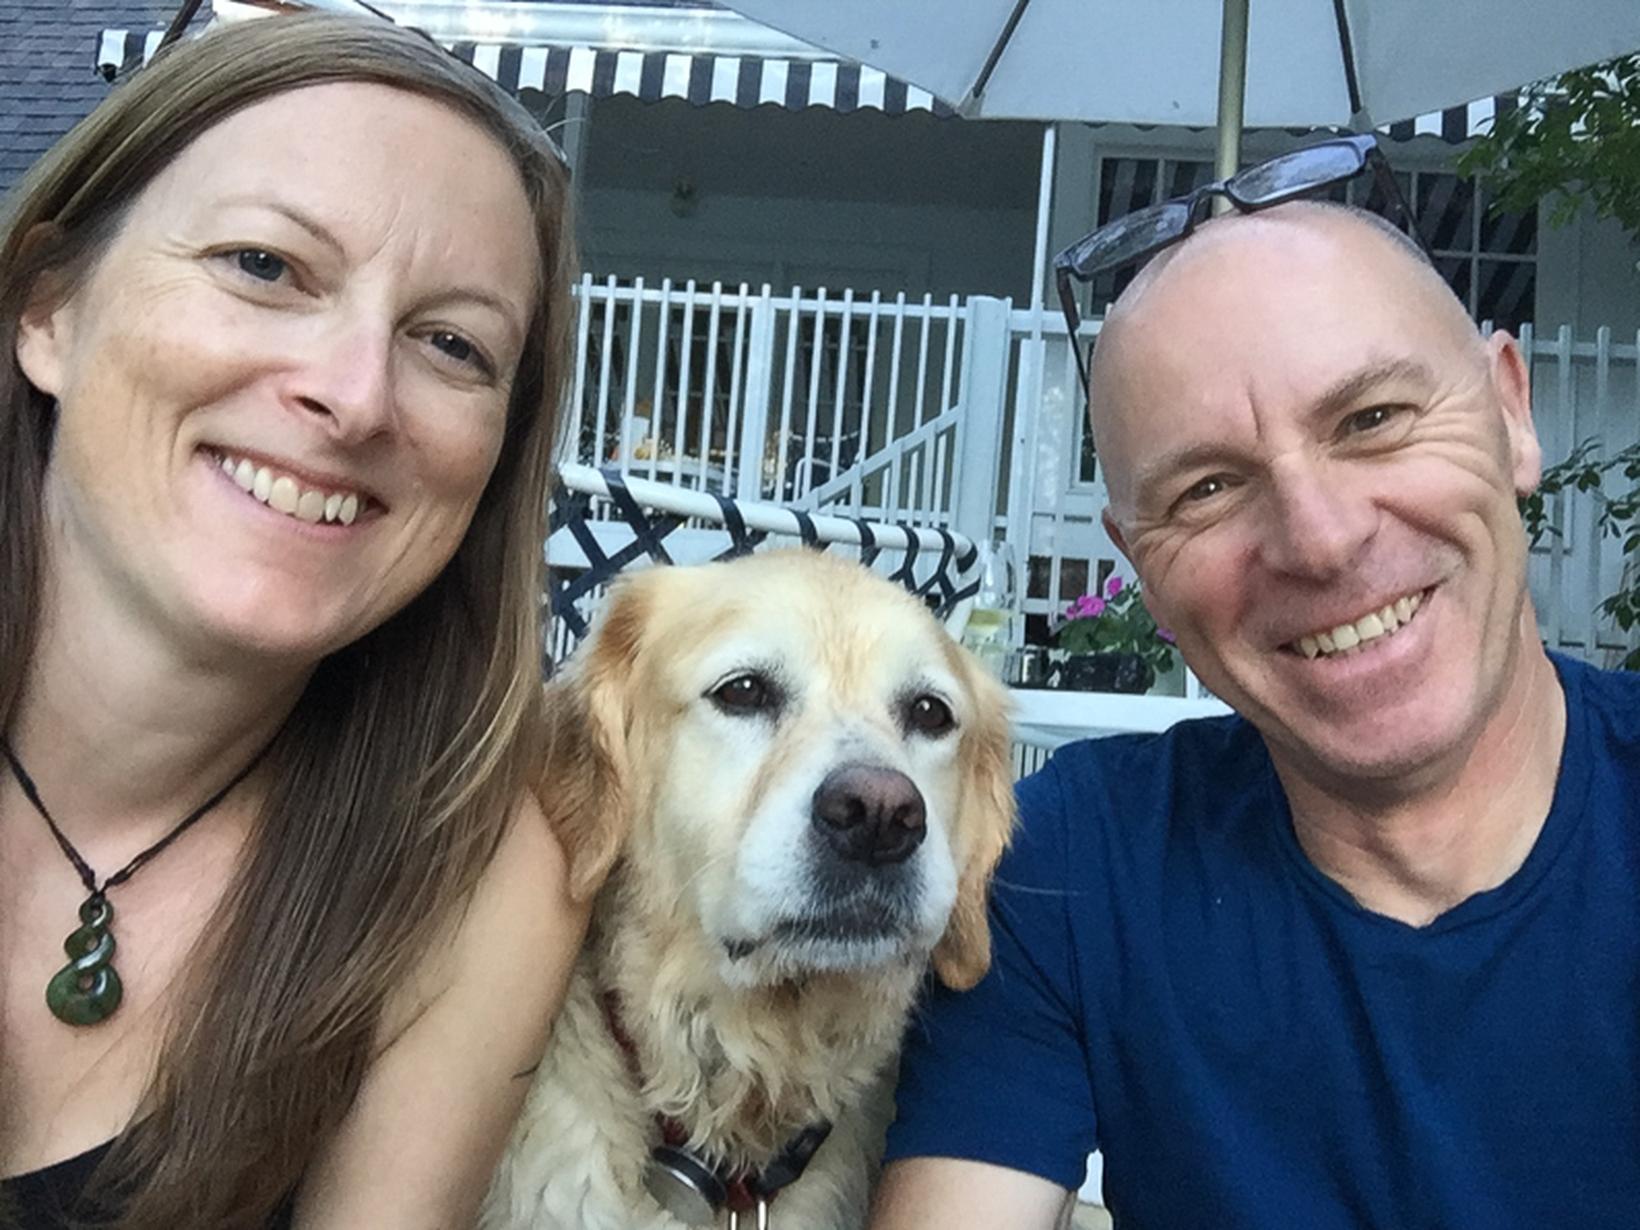 Steve & Julie from Auckland, New Zealand